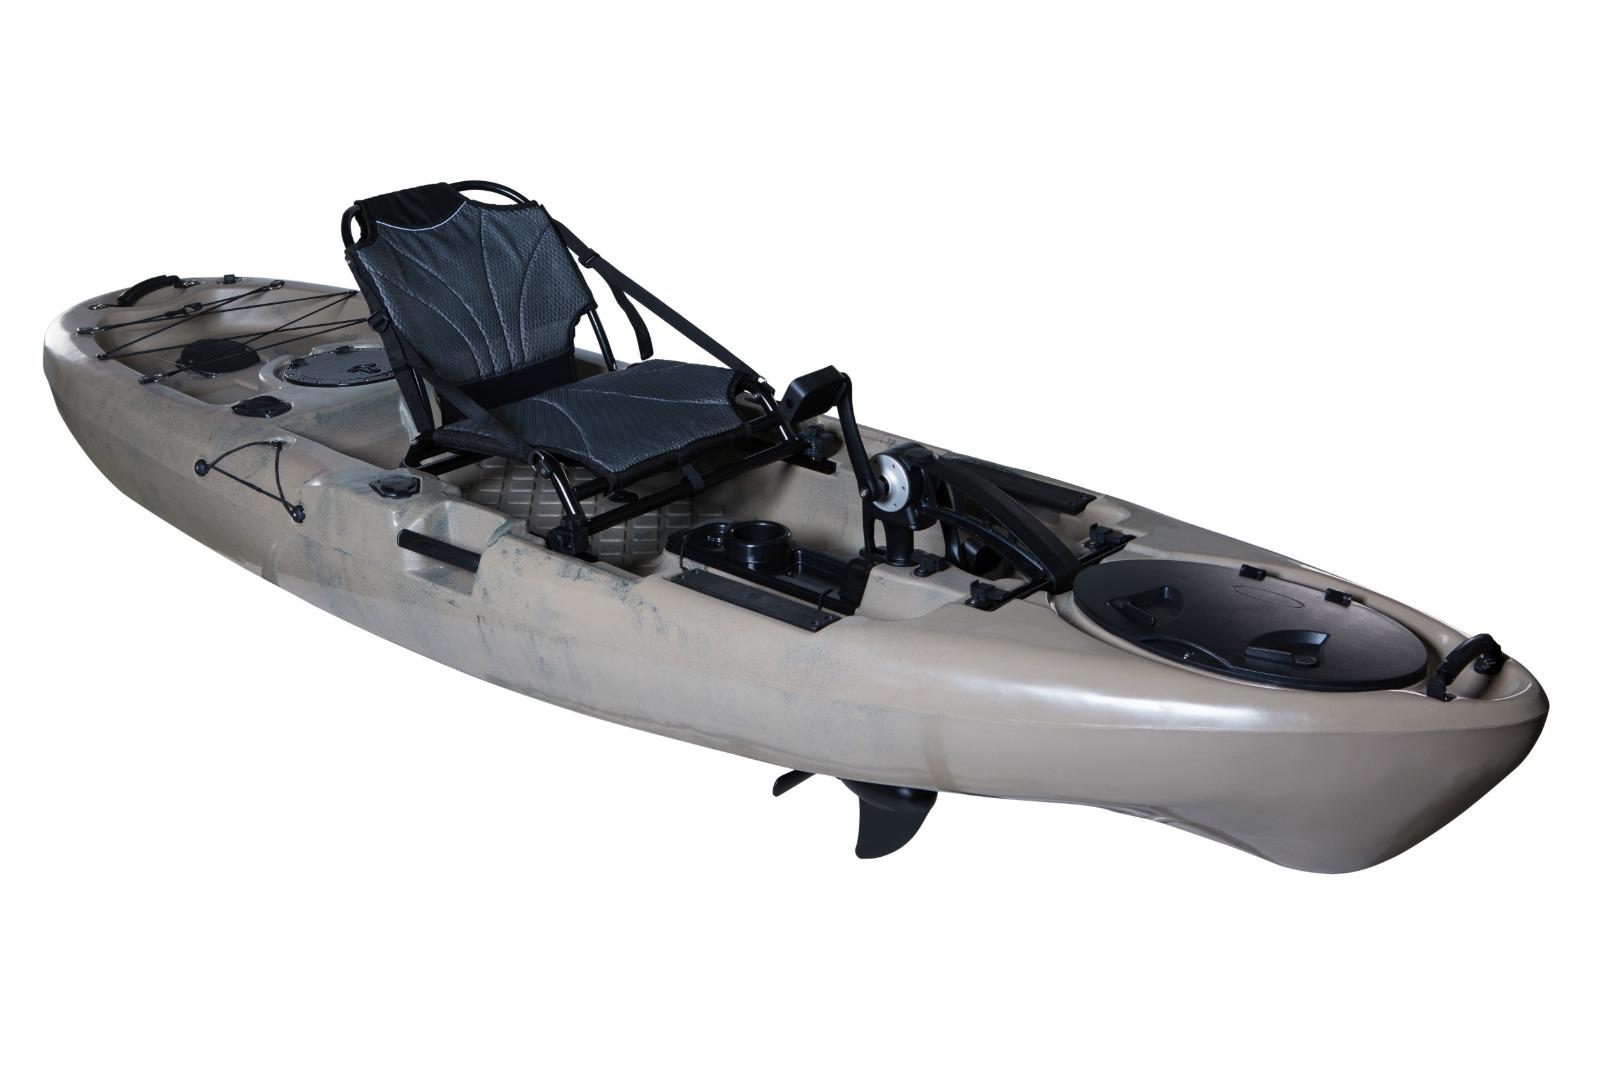 皮划艇动力 皮划艇脚踏 皮划艇厂家